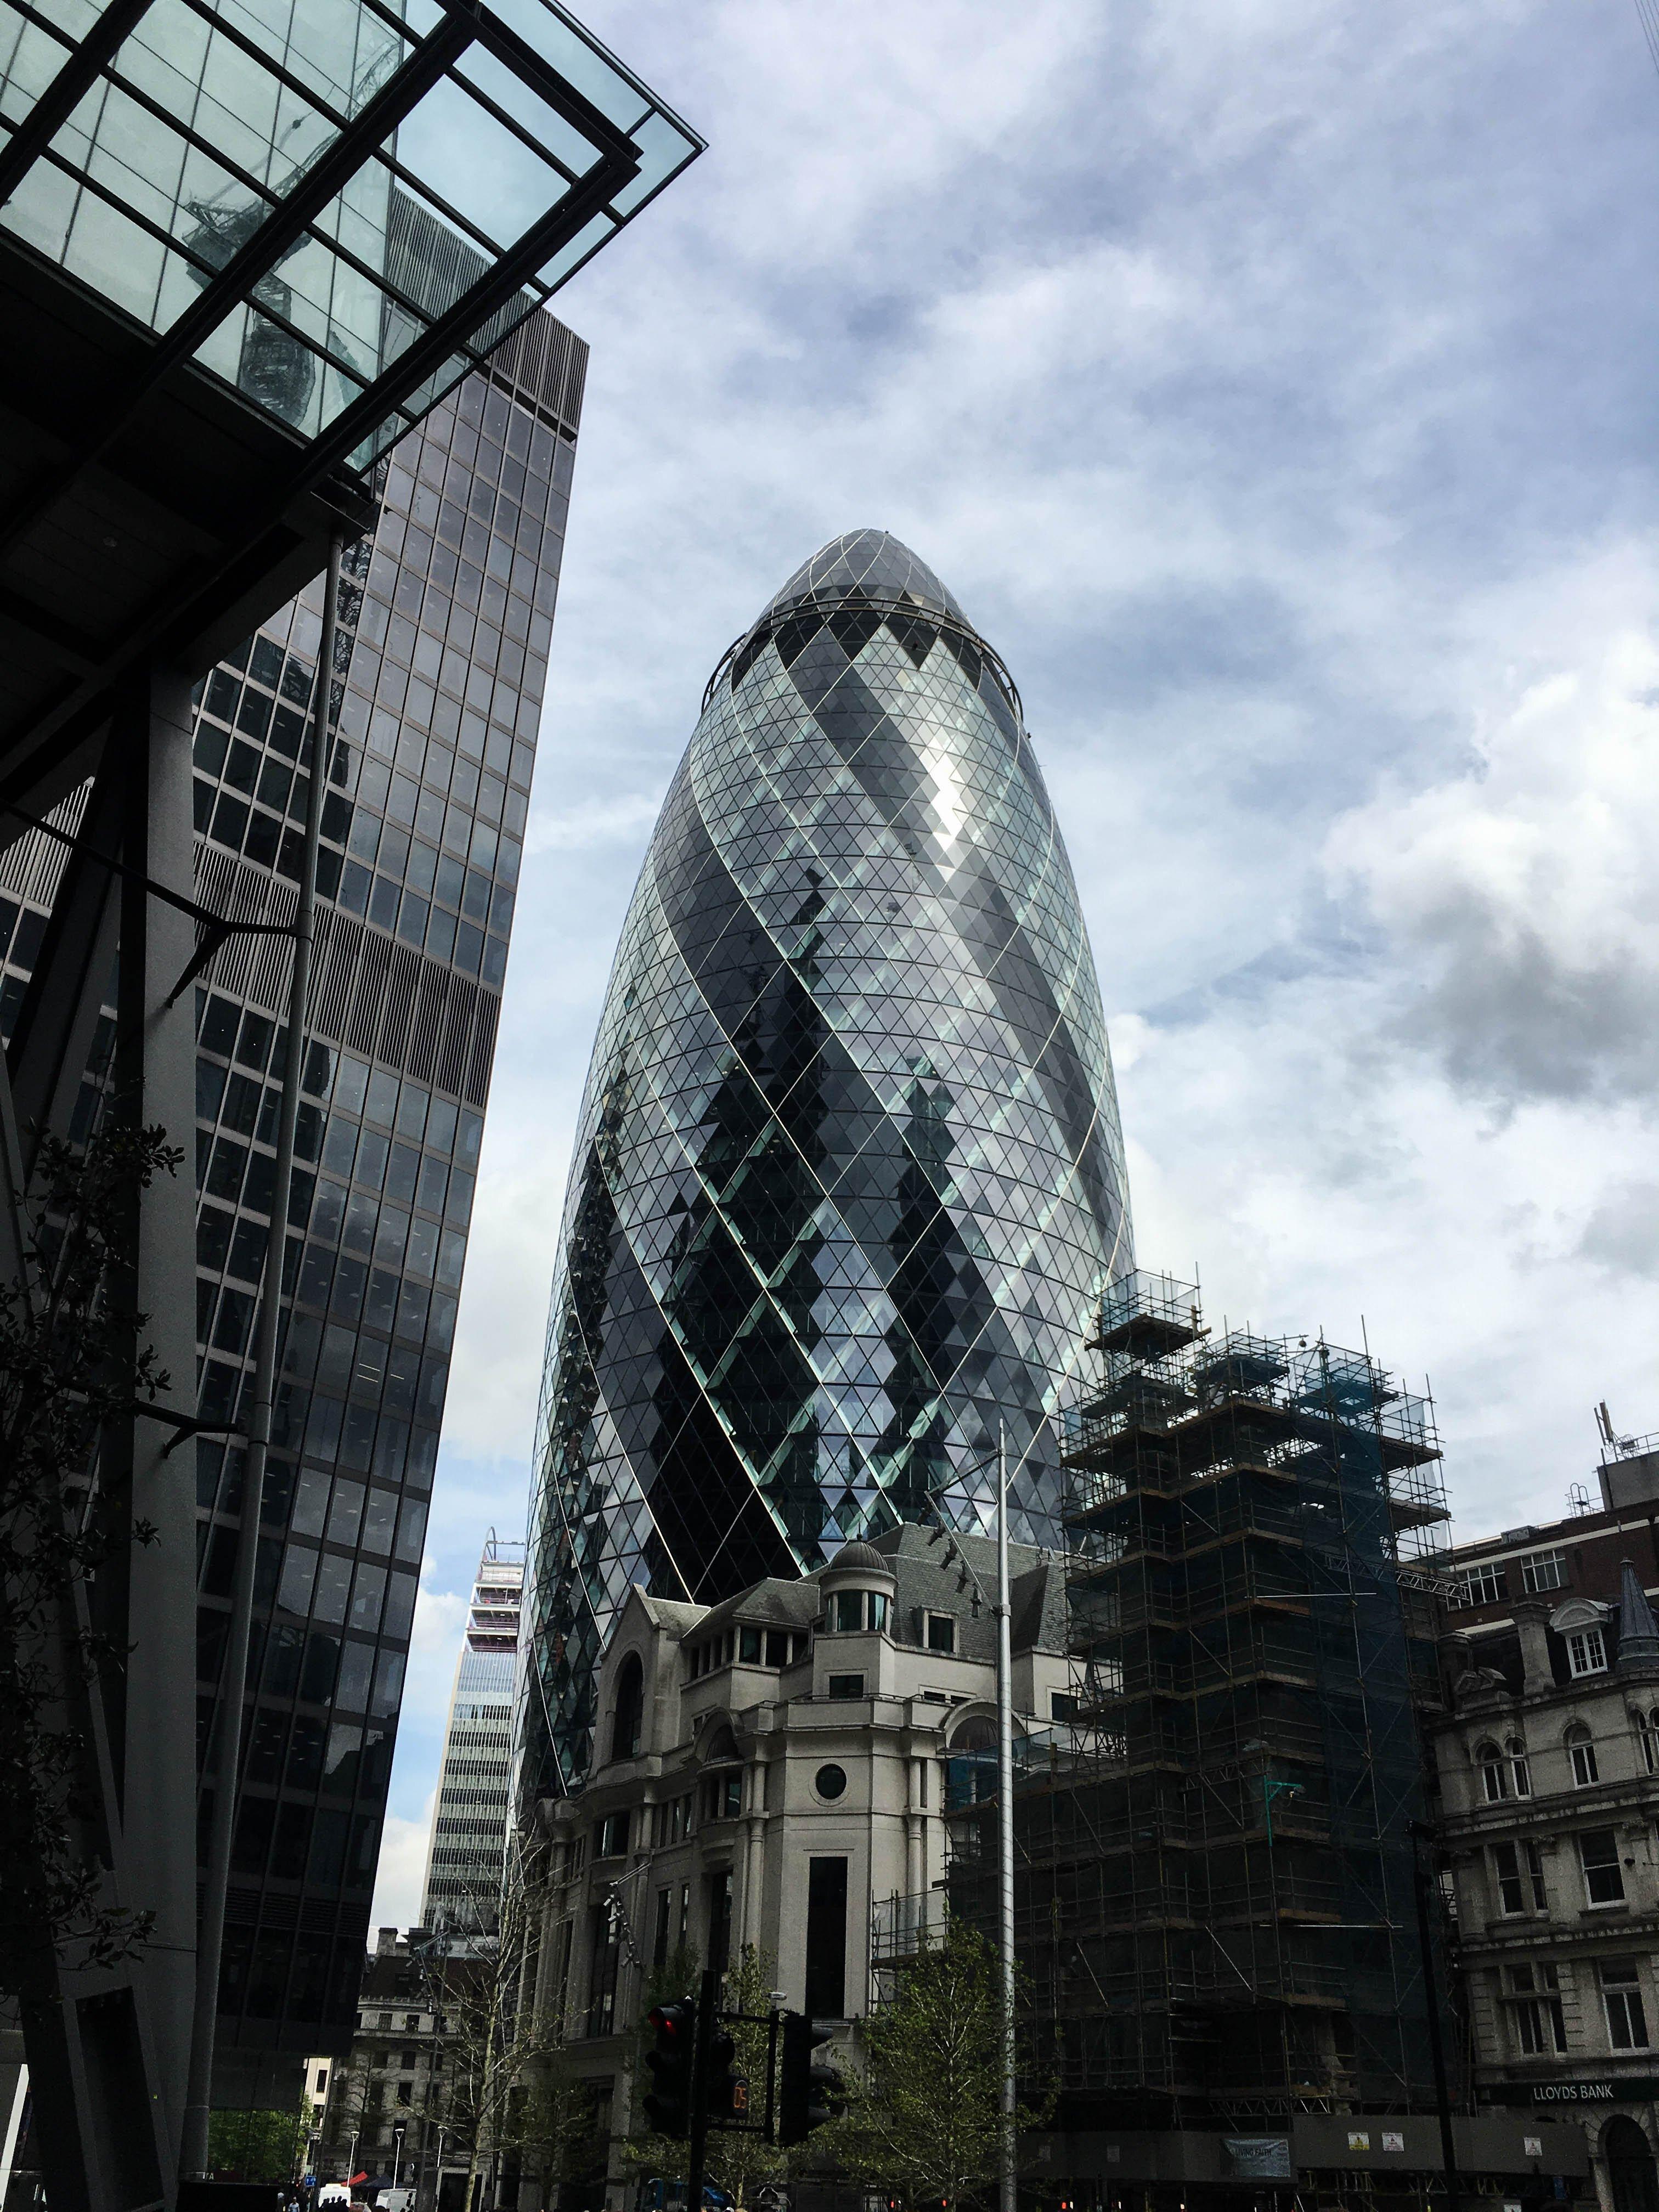 Londyn, Subiektywny przewodnik po Londynie, Gmale Goes To London, Bloger modowy w Londynie, Jak się ubrać do Londynu, Moda męska, Gherkin